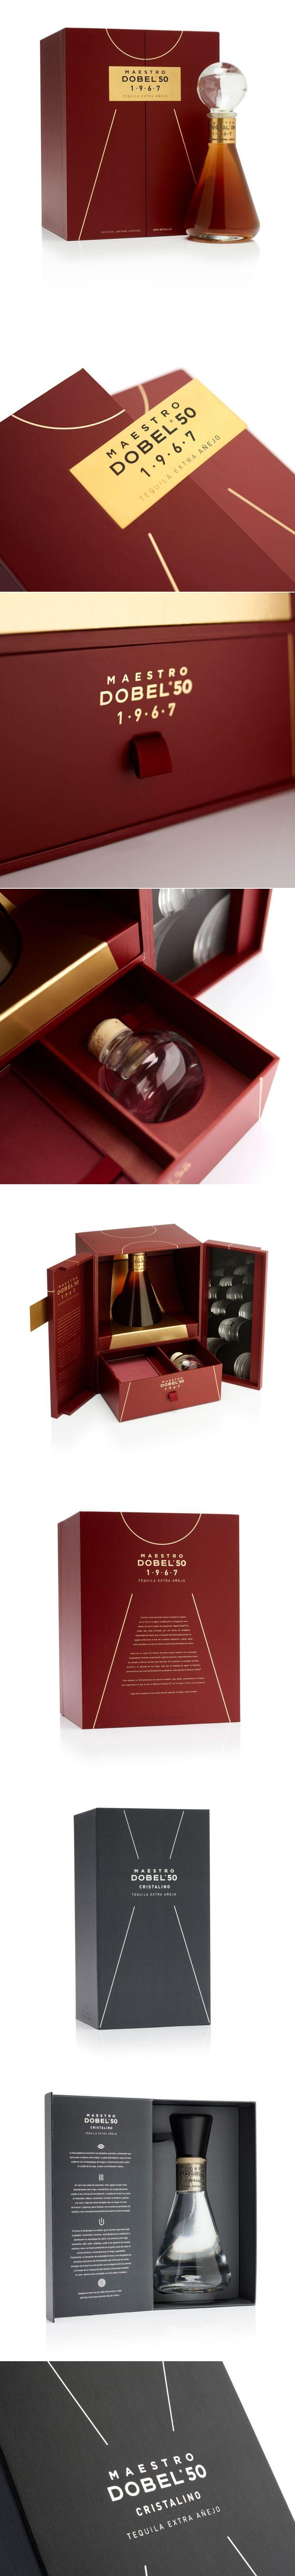 Stranger Stranger And Mw Luxury Craft An Experience For Maestro Dobel Stranger And Stranger Branding Design Luxury